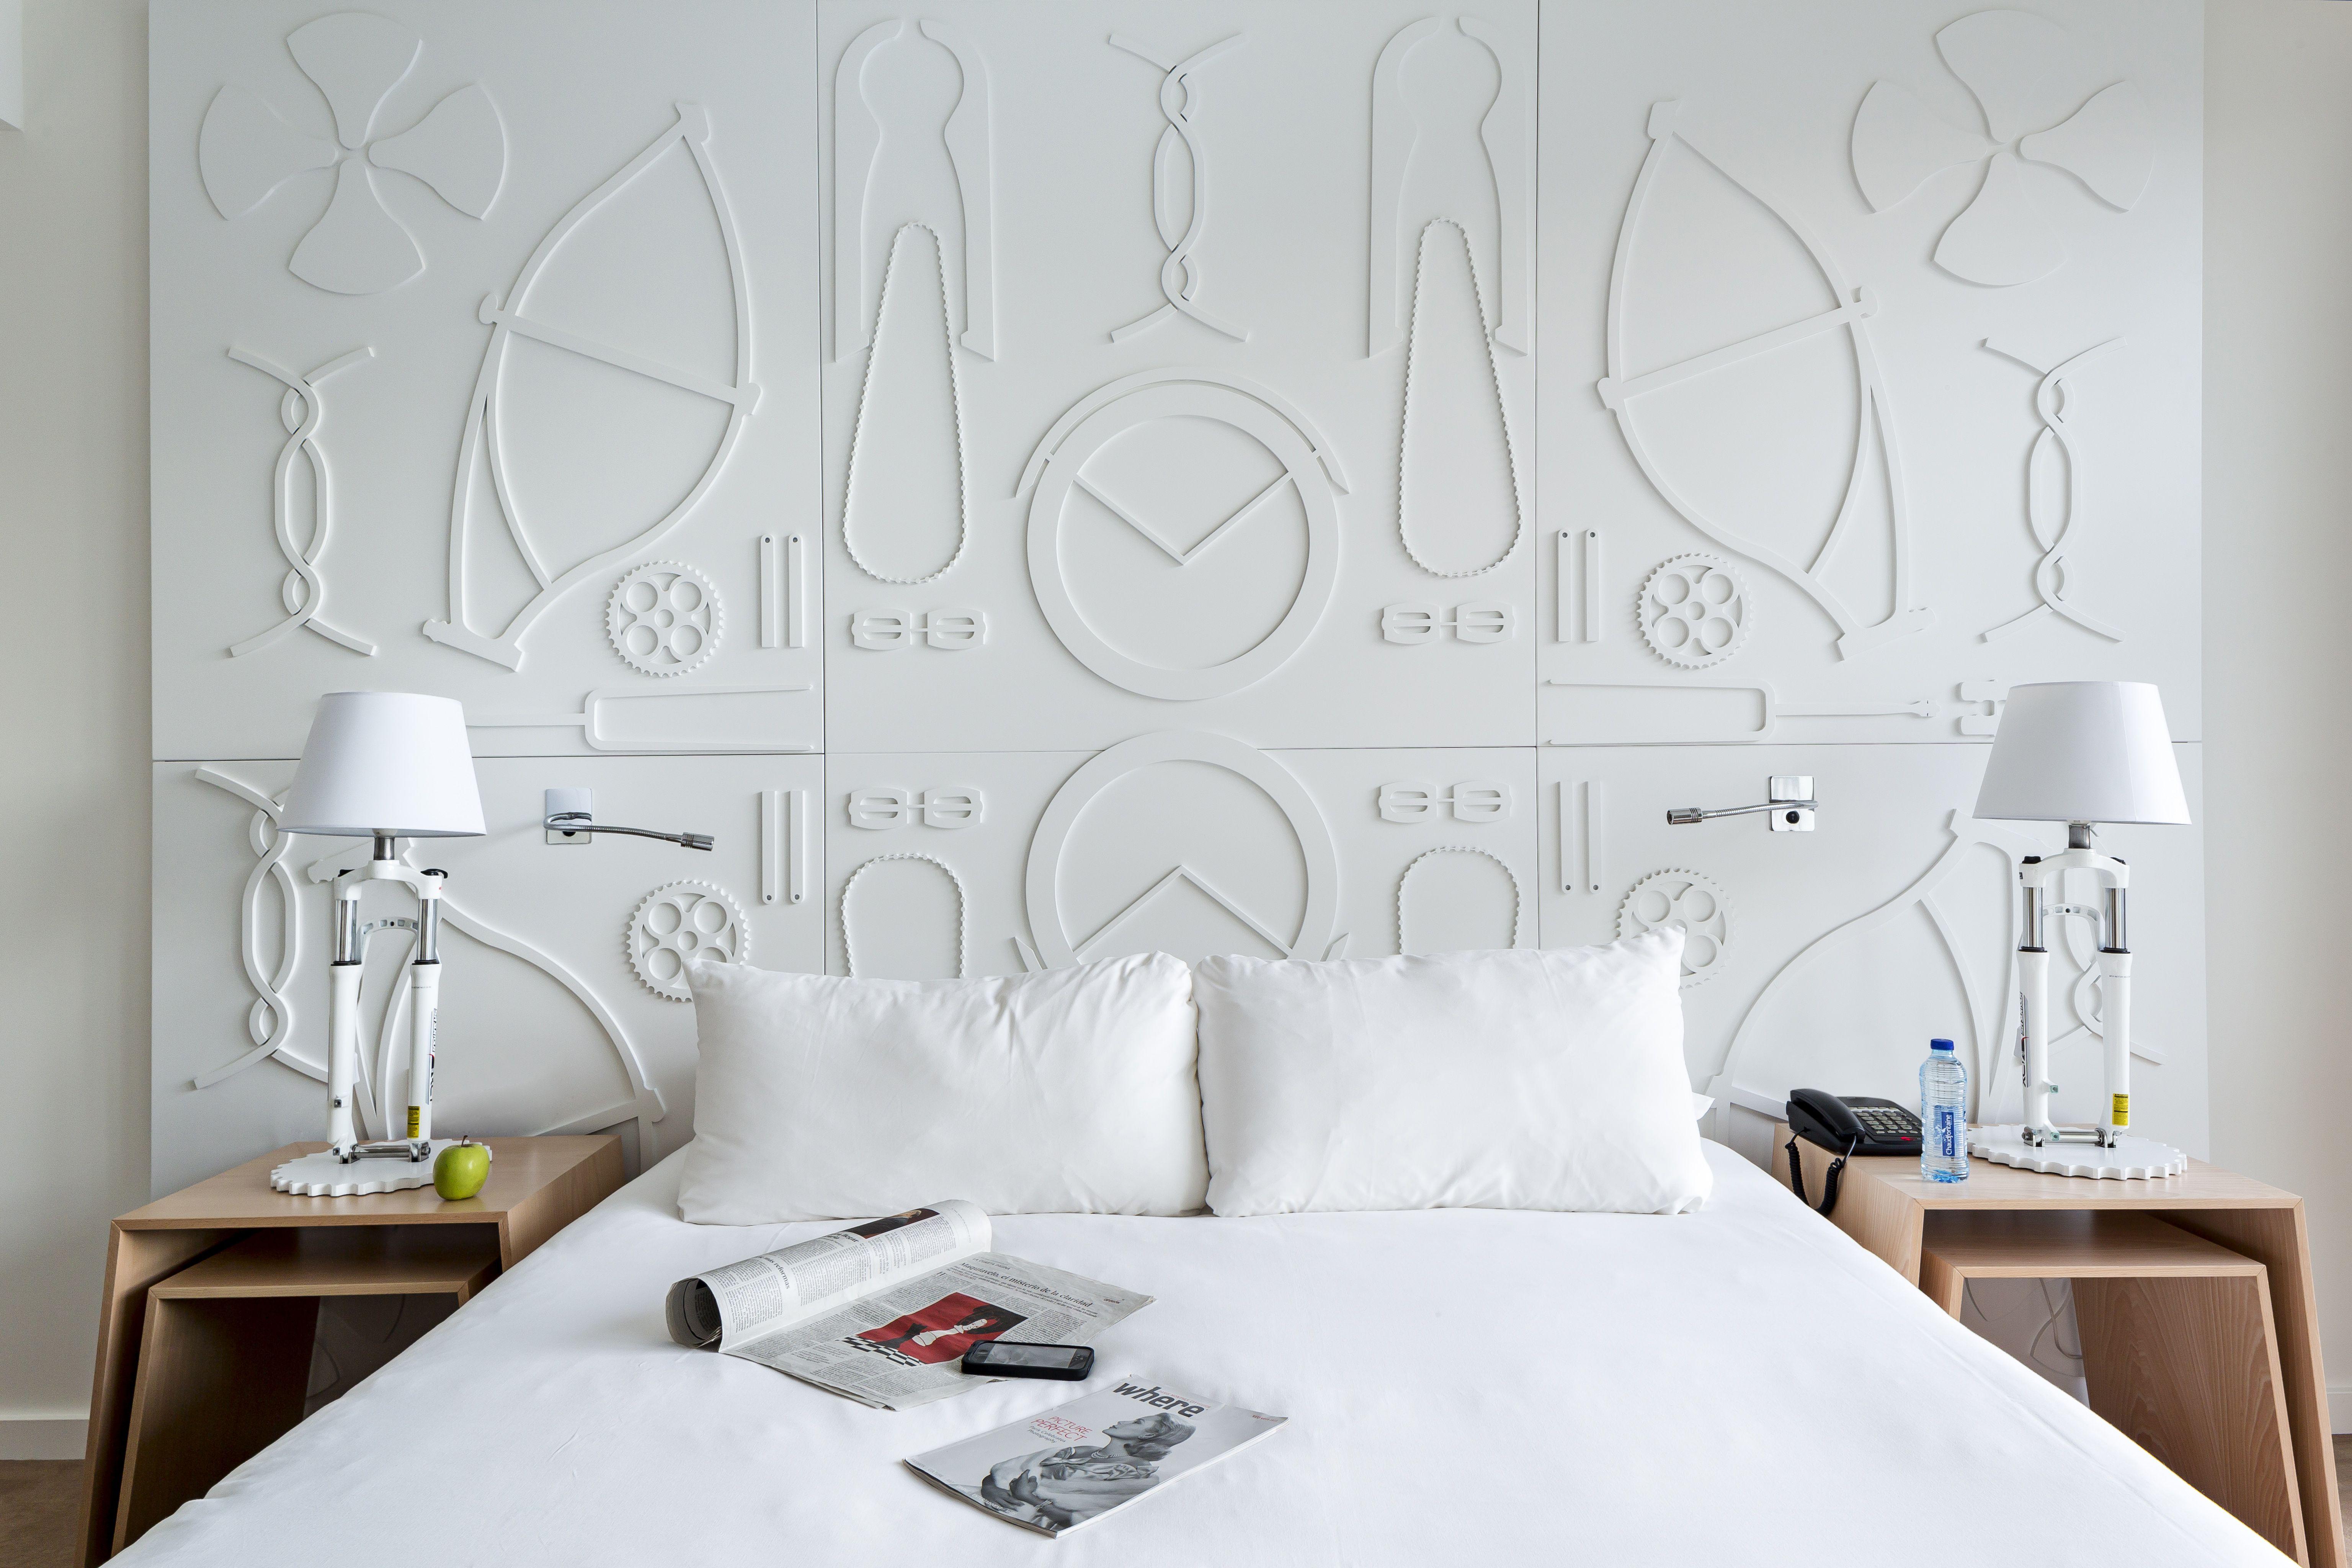 Mit aitana begr t die spanische room mate hotels kette for Design hotel kette